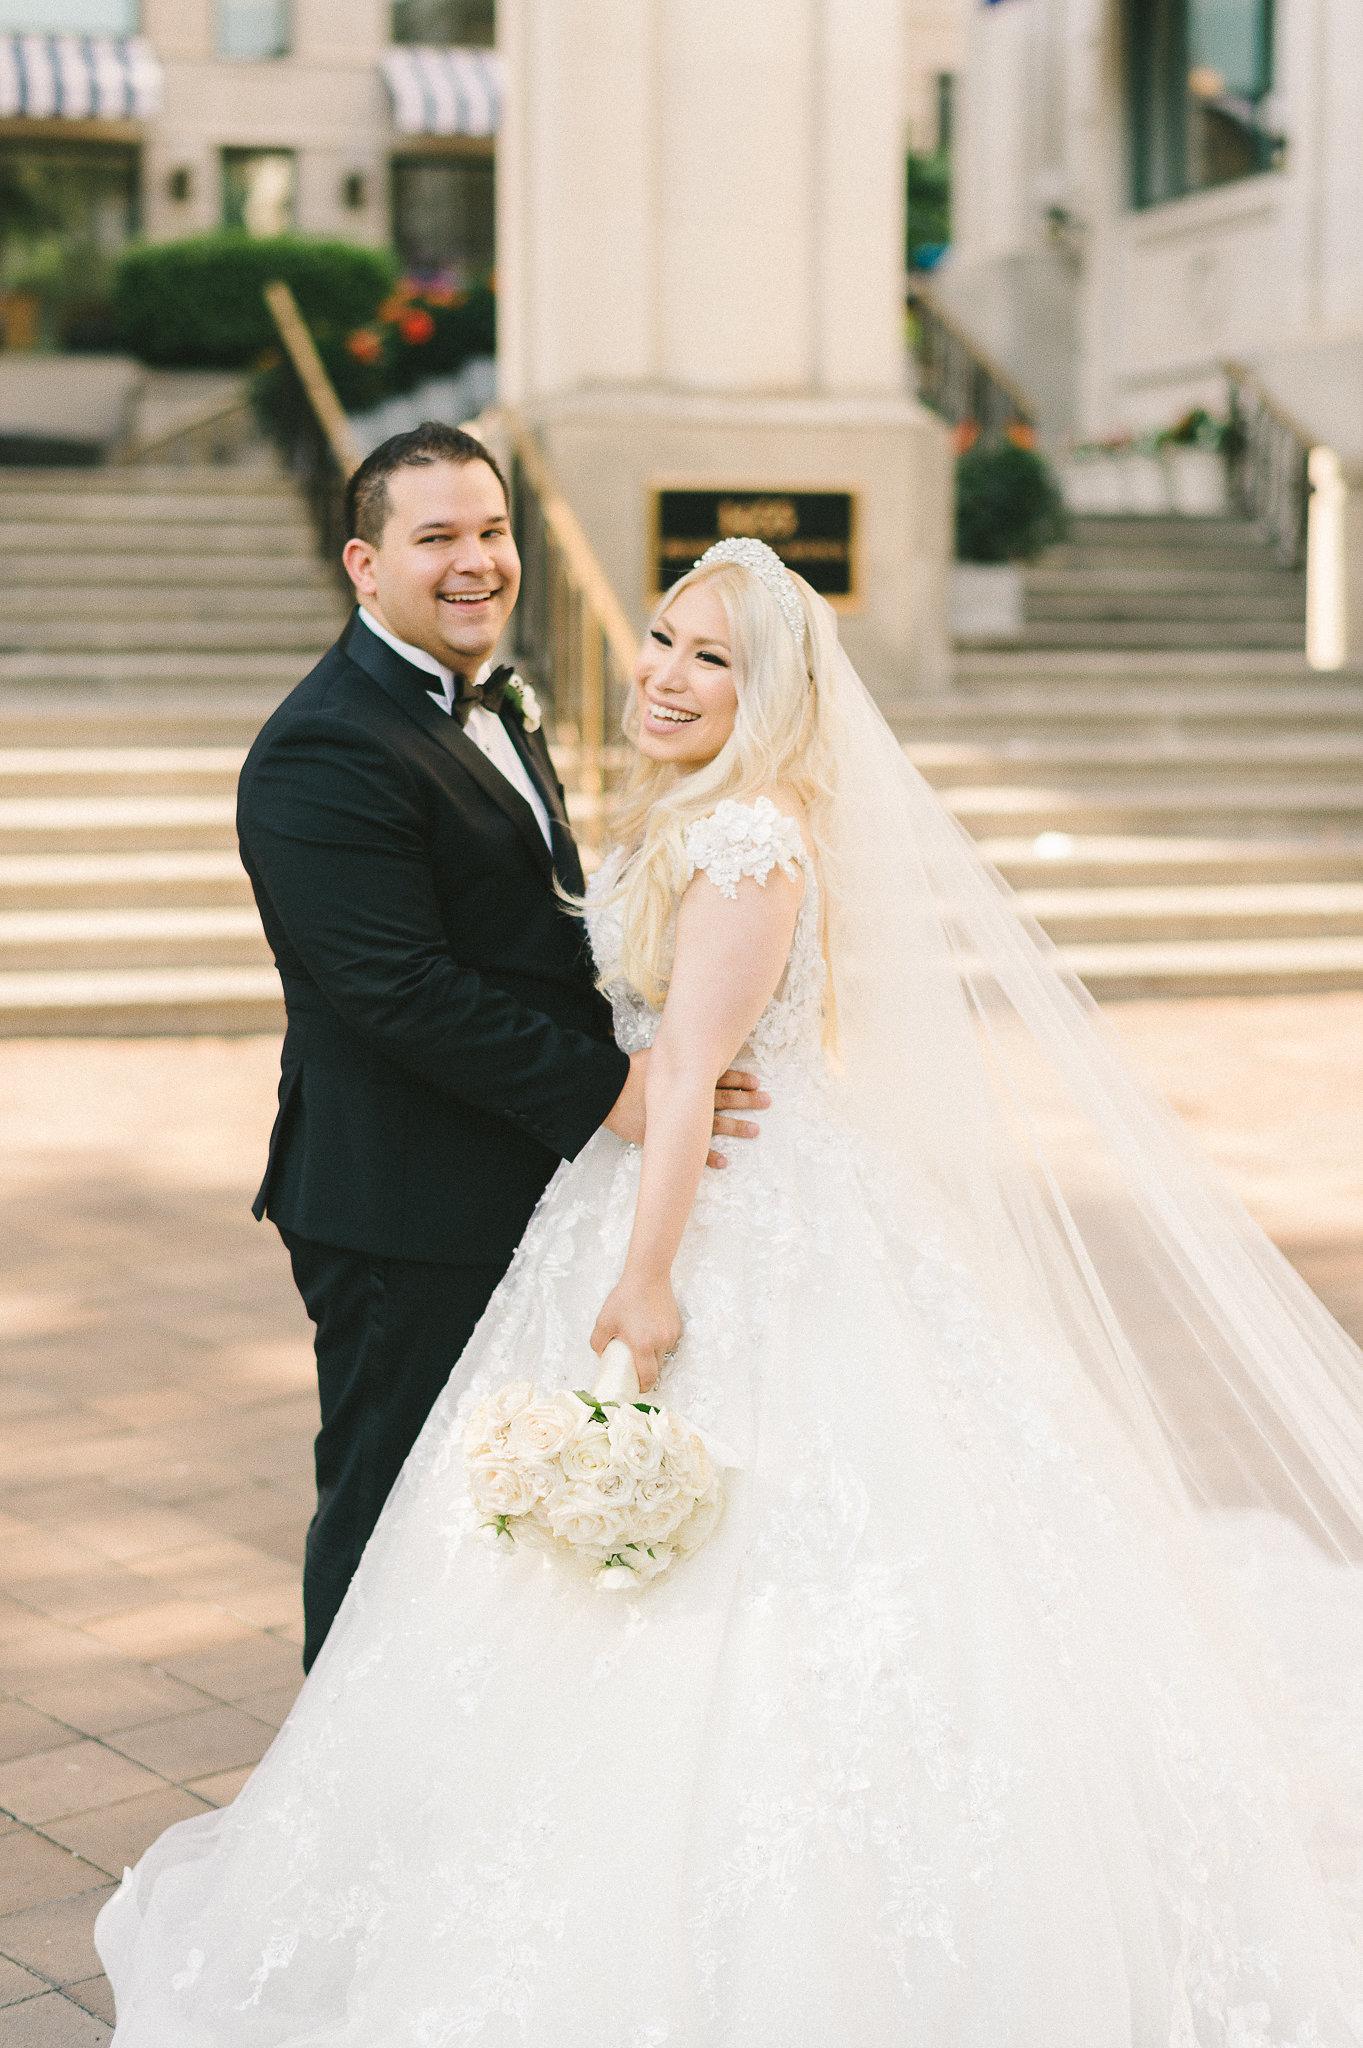 Elizabeth-Fogarty-Wedding-Photography-119.jpg